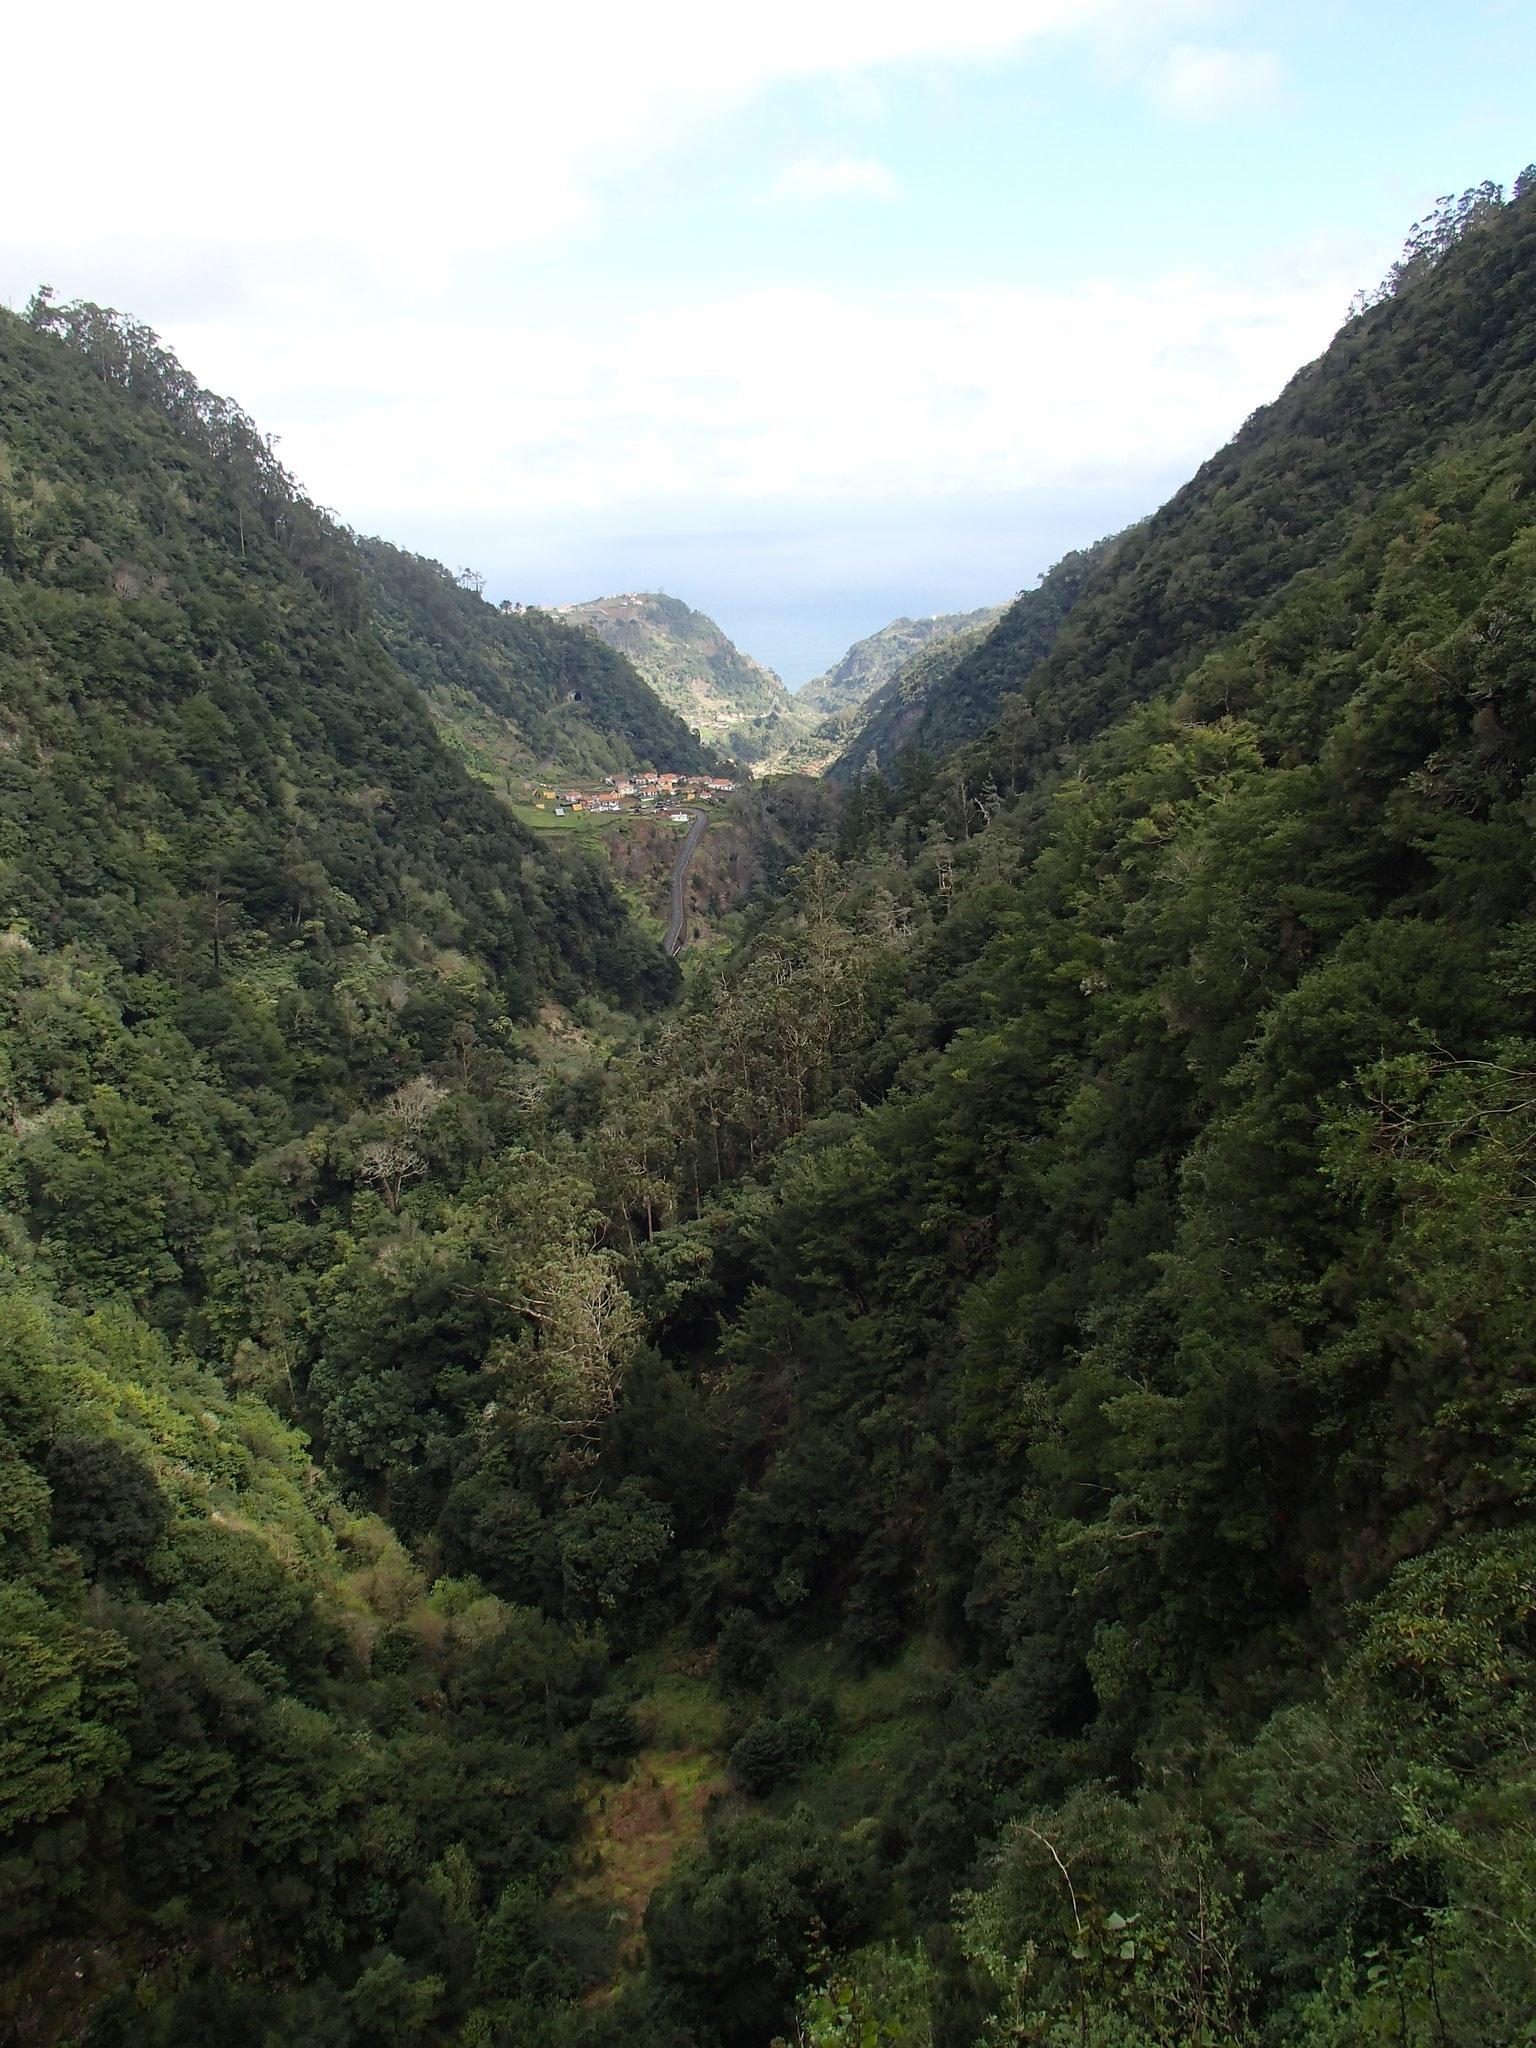 P319Utsikt över dalen